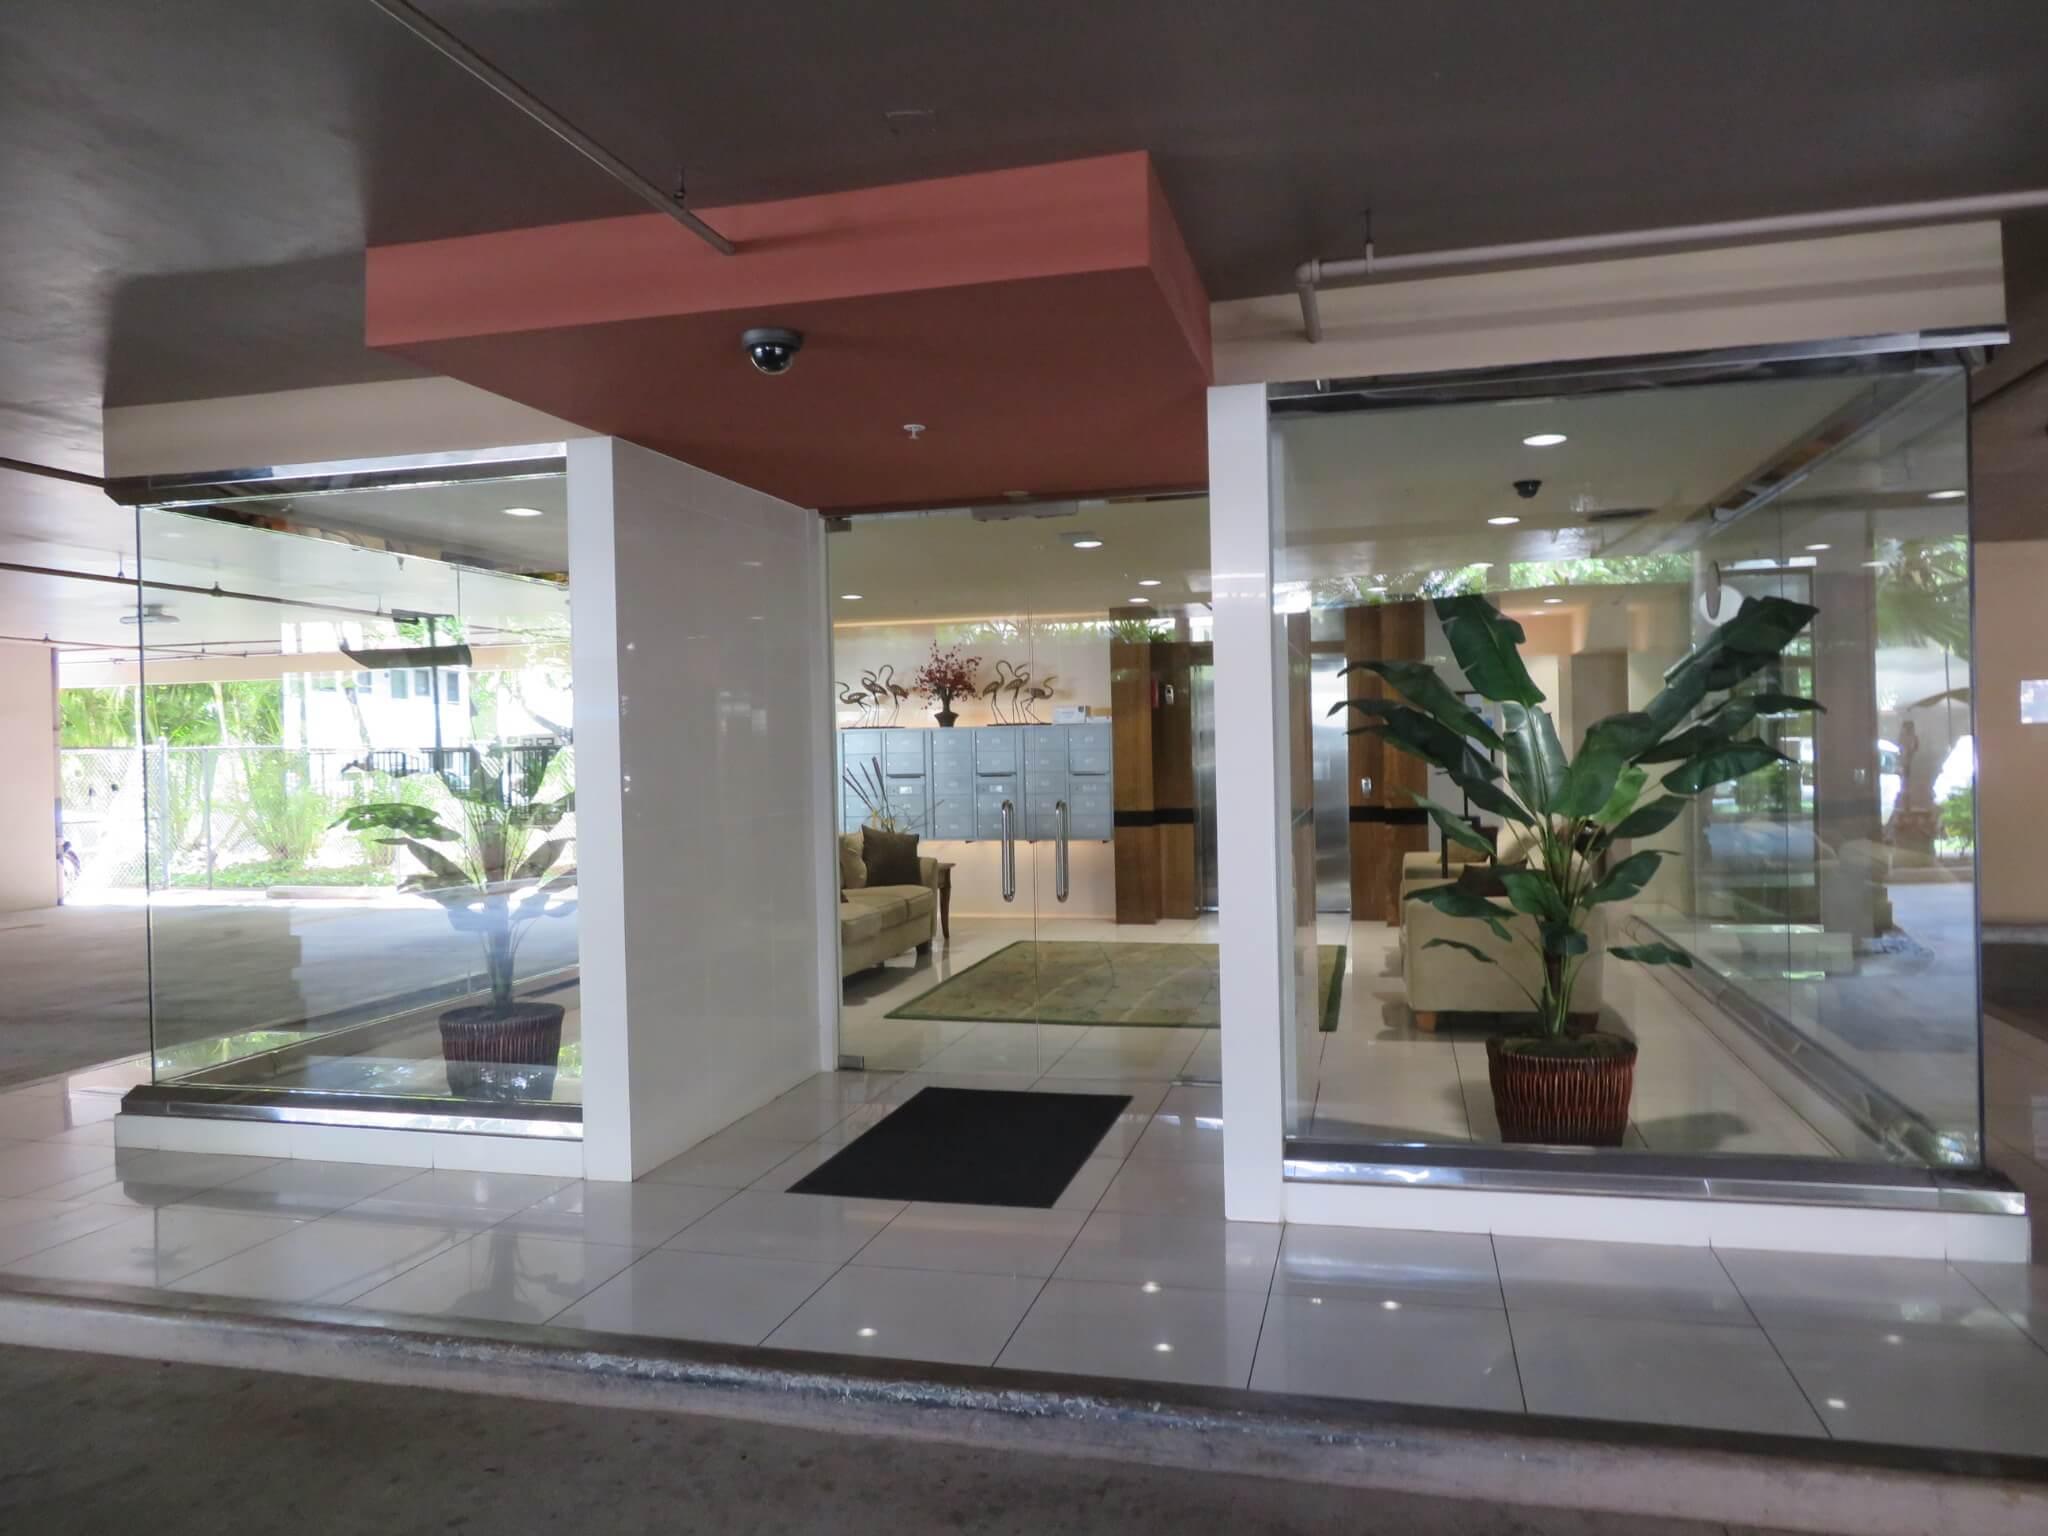 ロフト・アット・ワイキキ / Loft at Waikiki